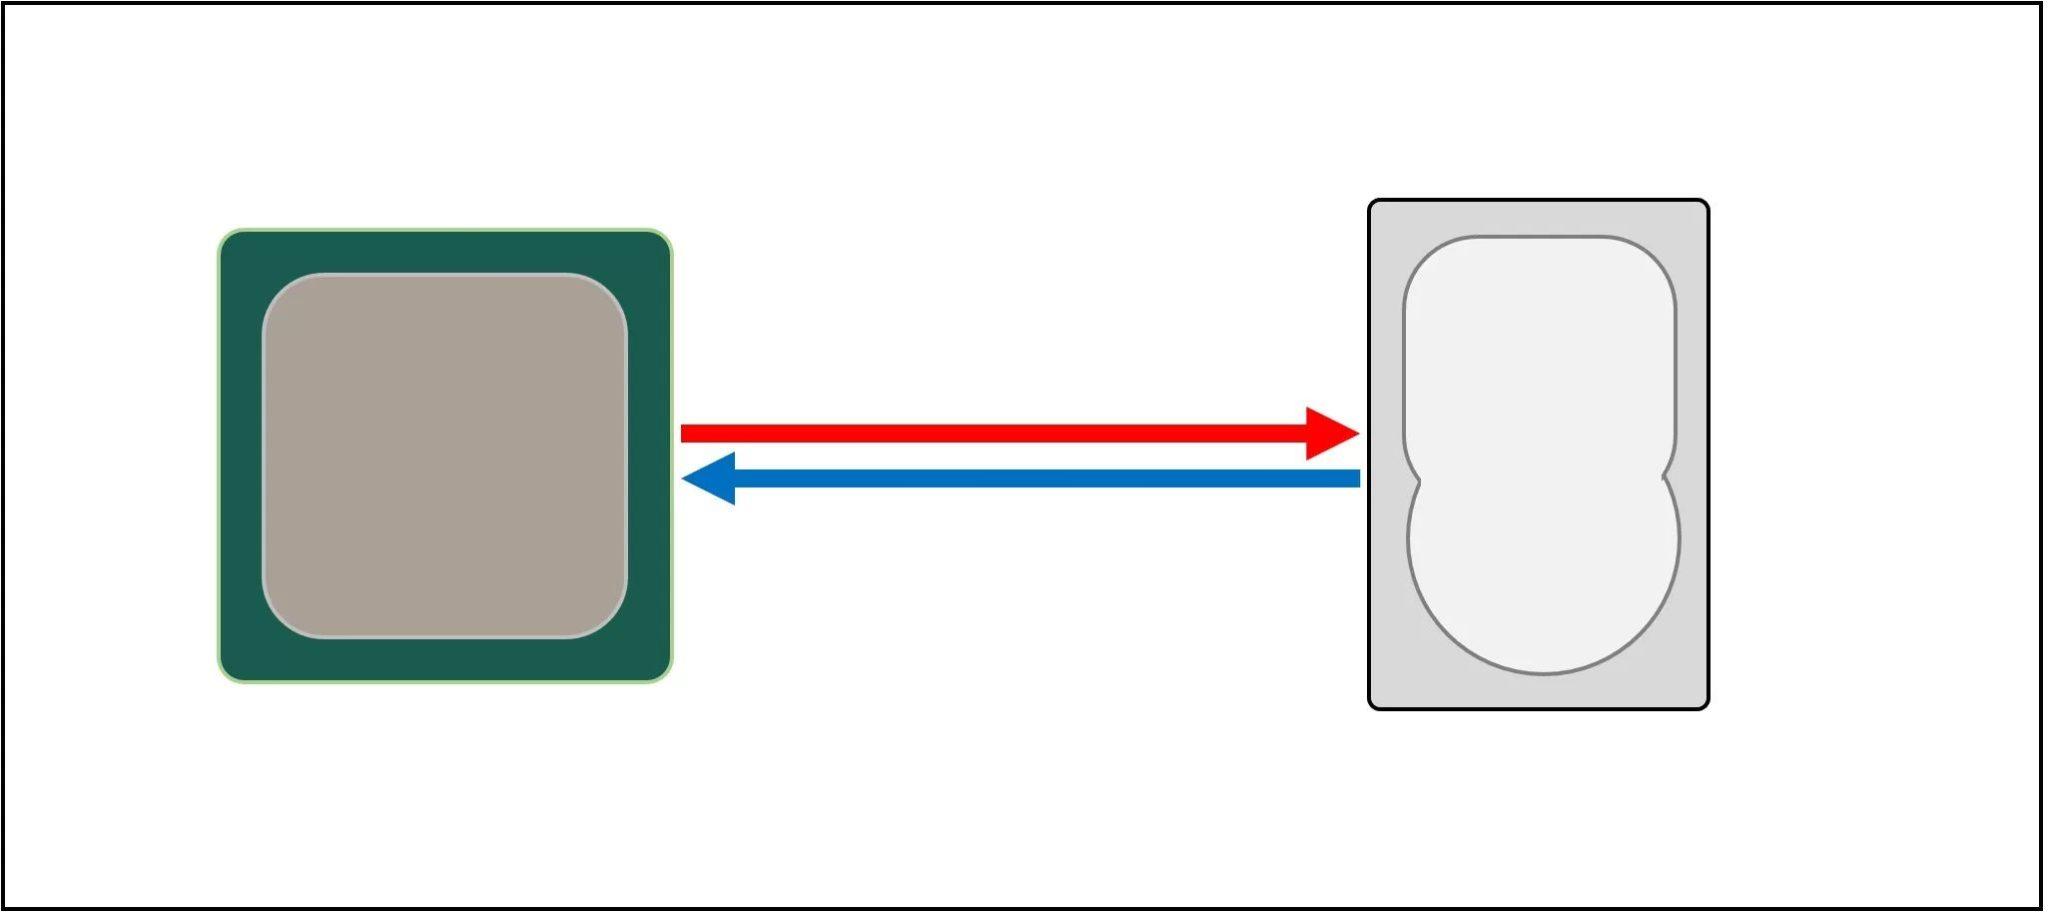 Передача данных от процессора к накопителю